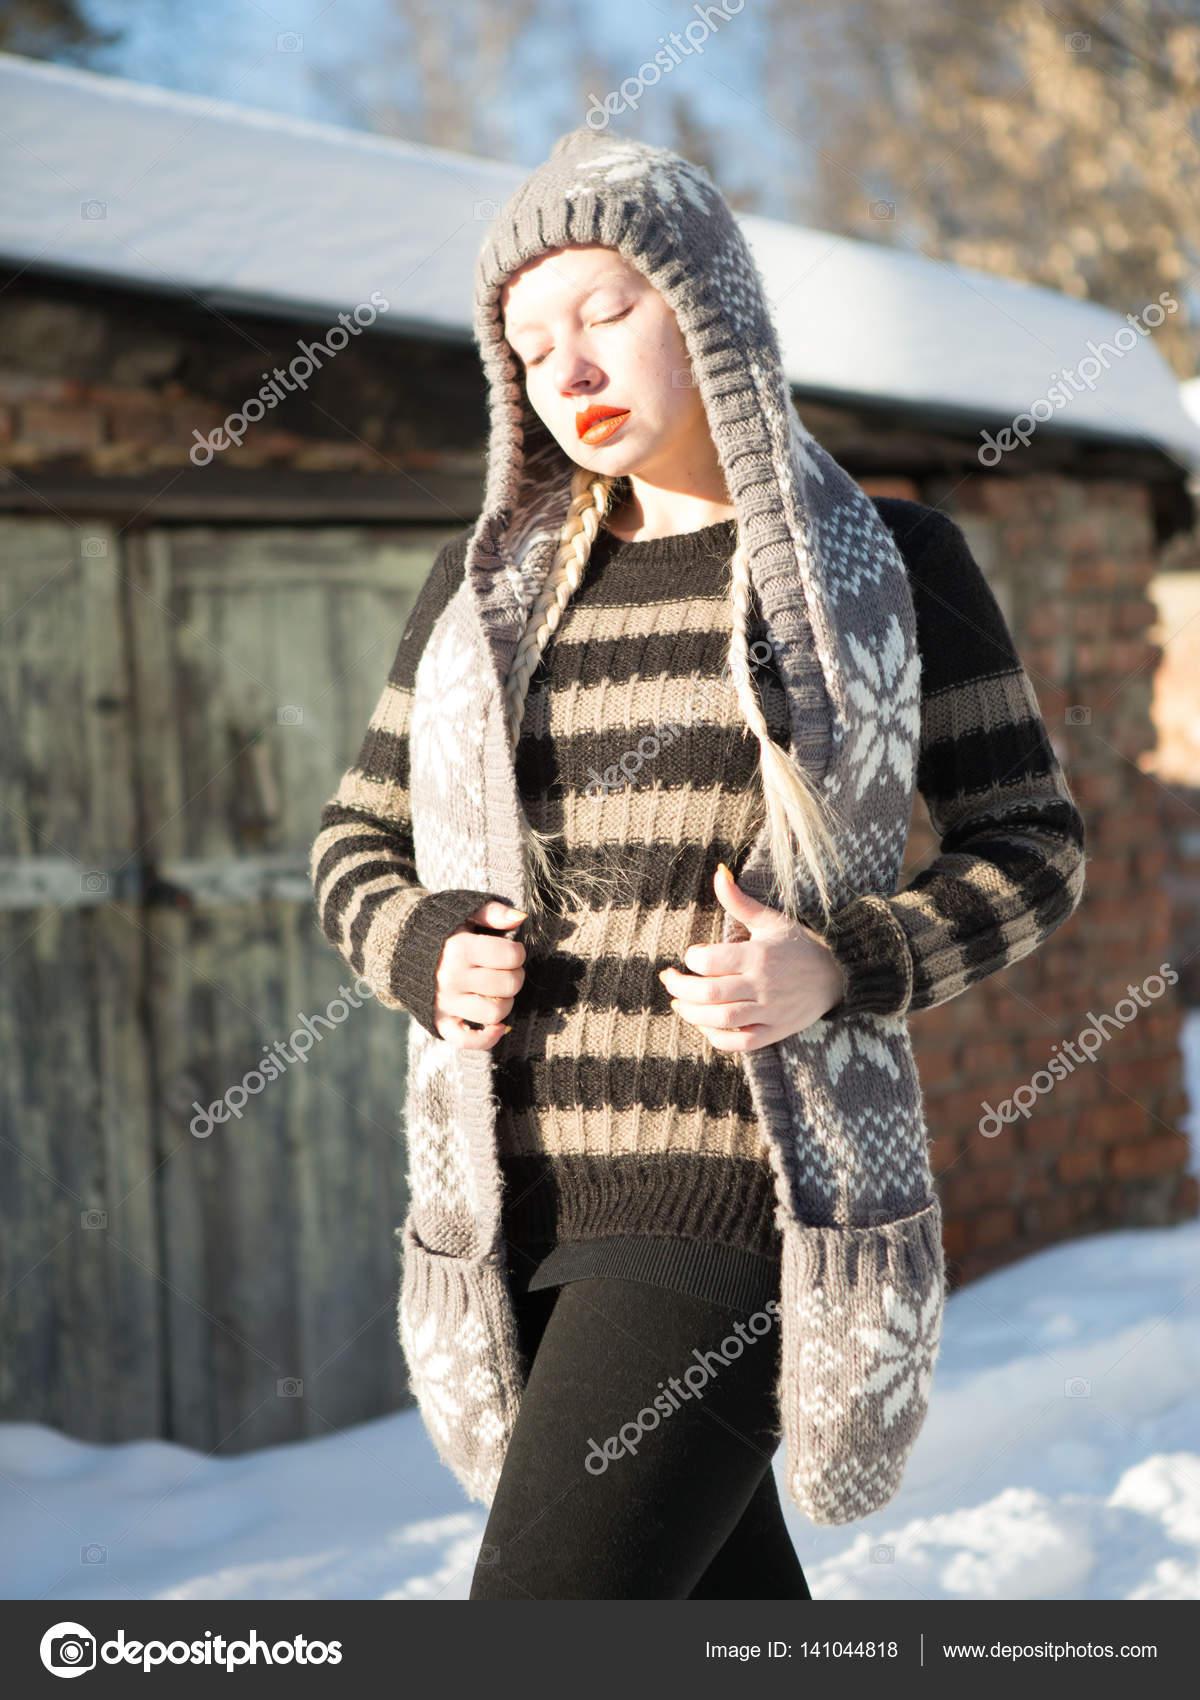 perepihnulis-zimoy-s-blondinkoy-porno-zrelie-zamuzhnie-poka-muzh-na-rabote